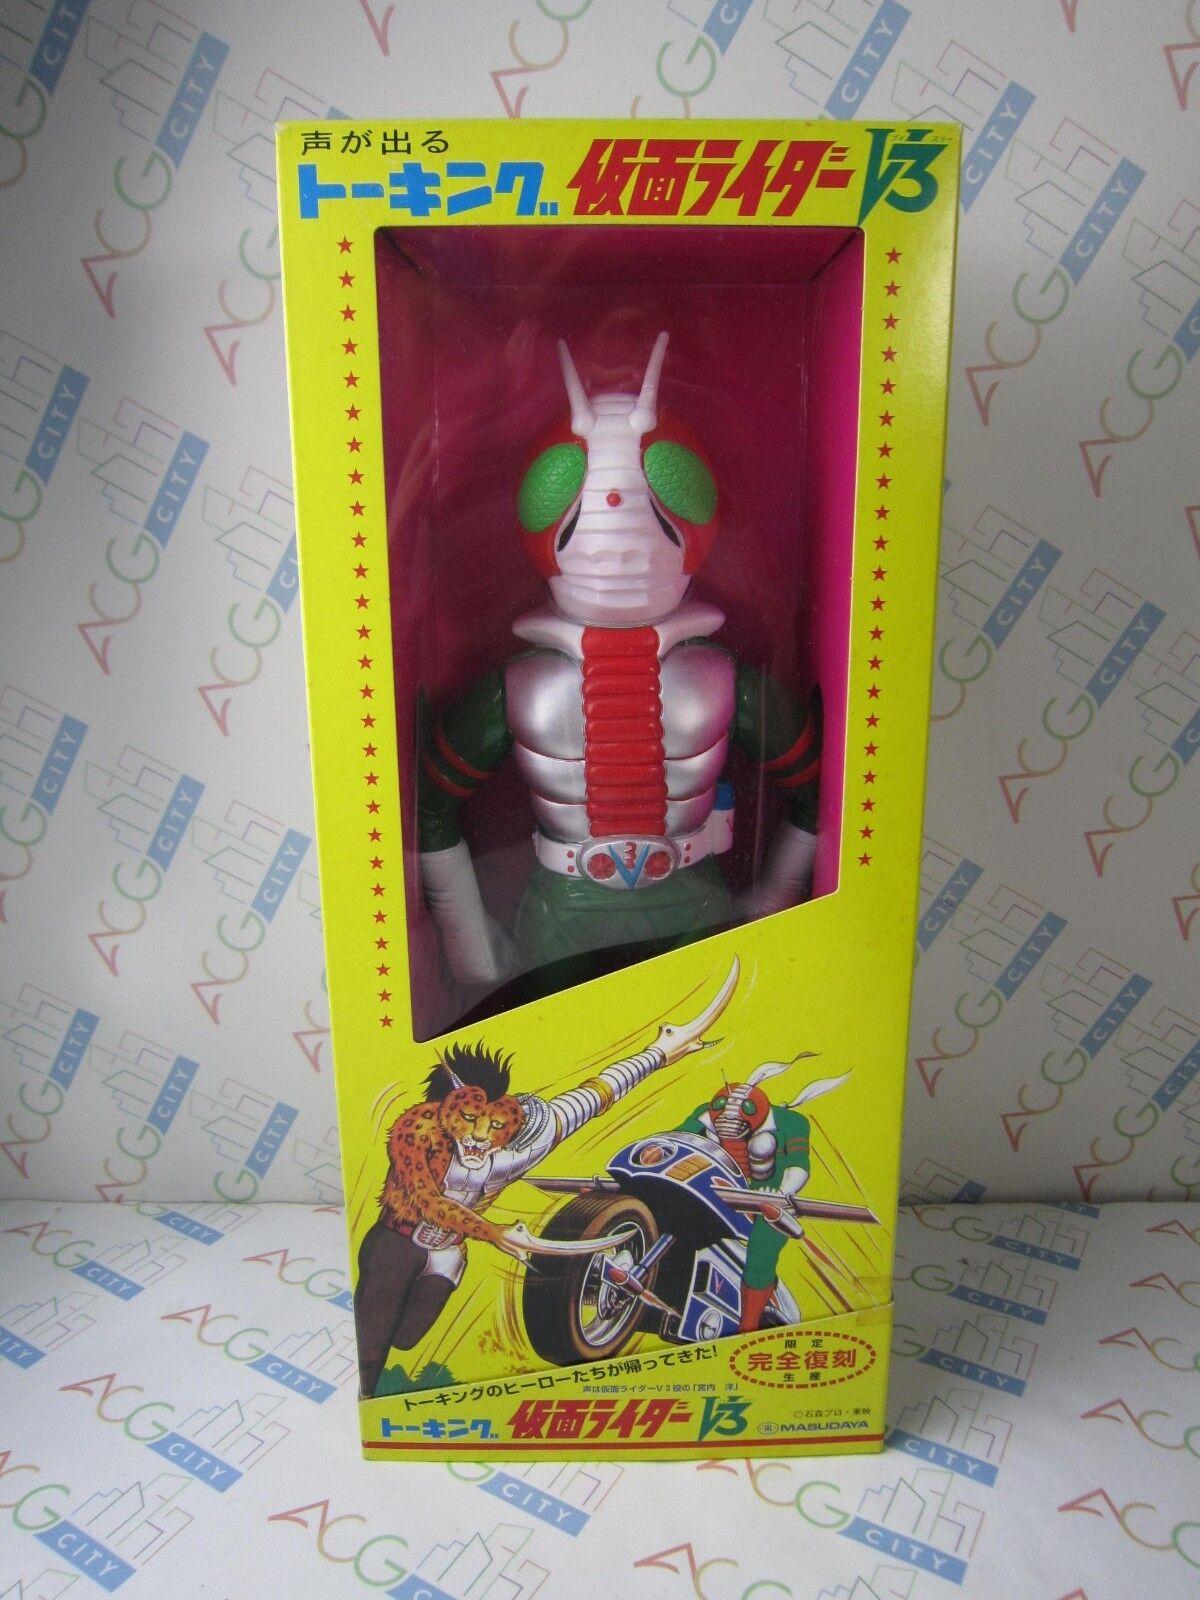 仮面ライダーV 3マスカヤなし話すビニールフィギュア日本ヴィンテージ